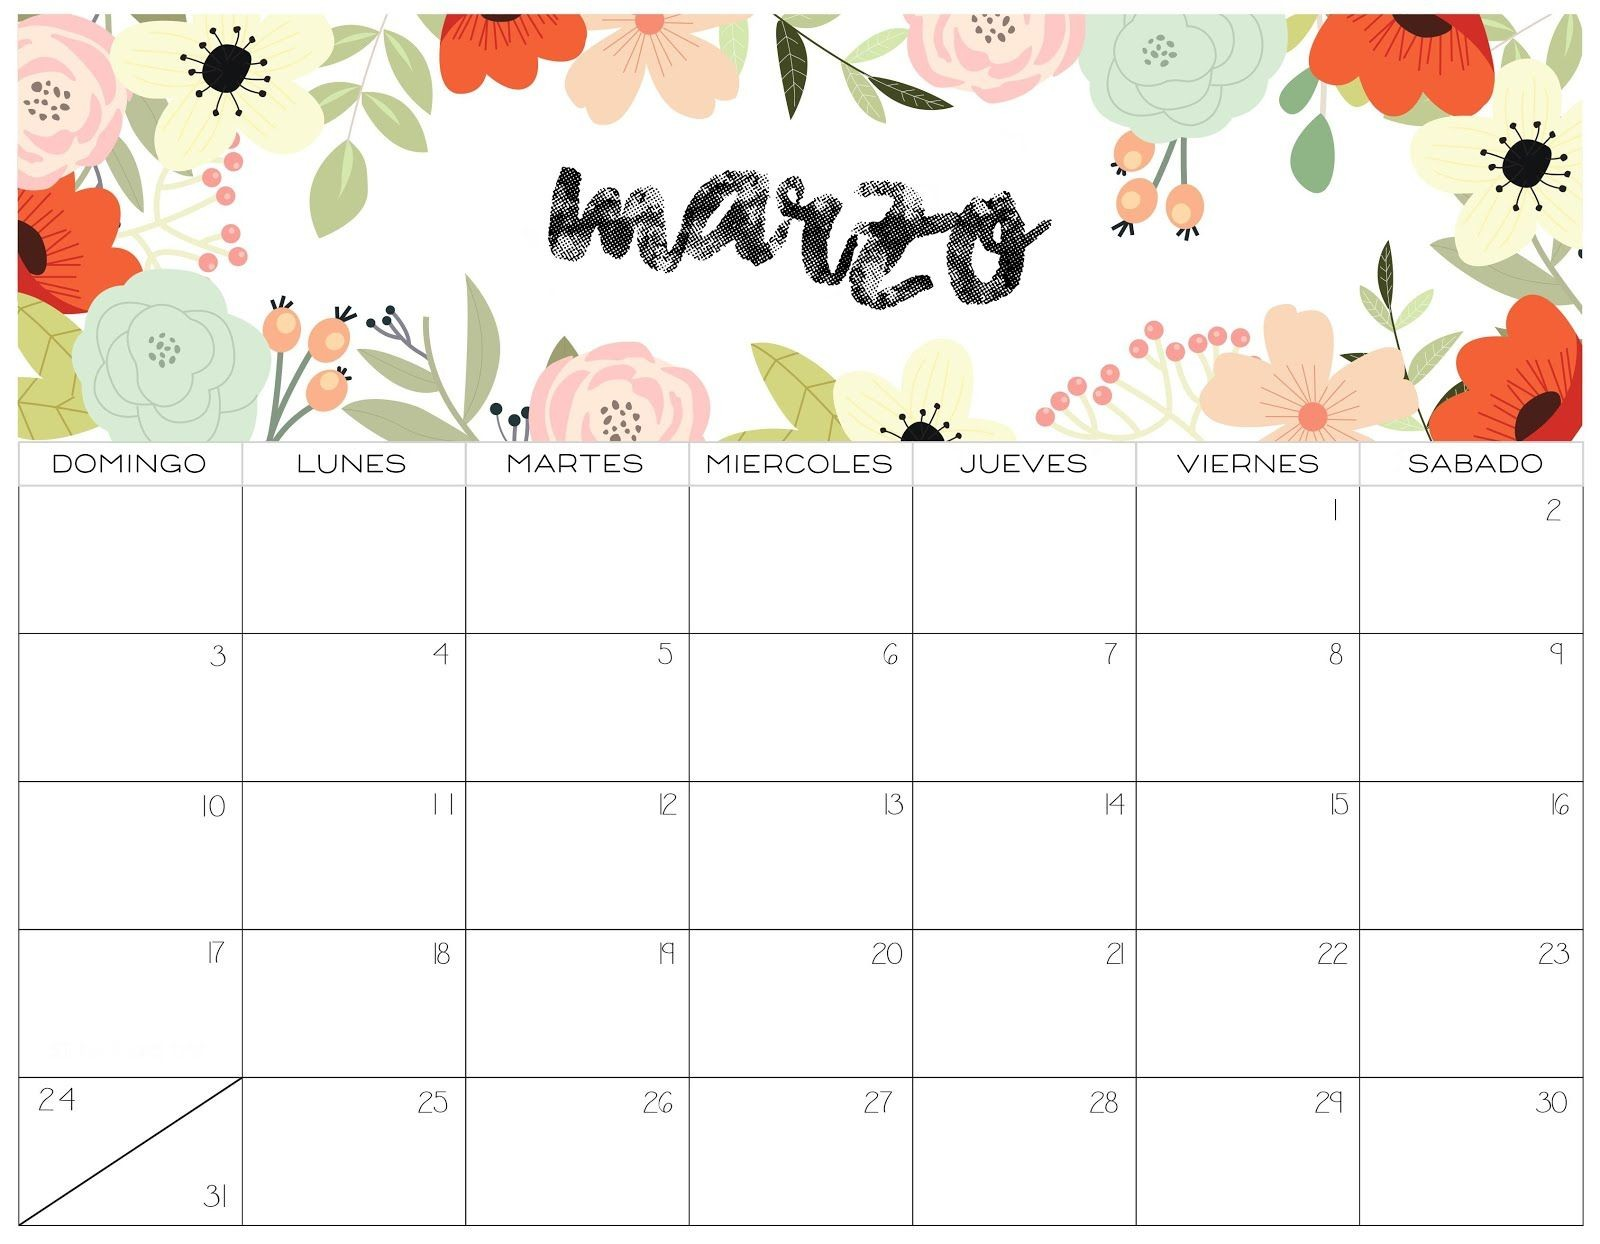 Imprimir Un Calendario De Mes Más Arriba-a-fecha Las 44 Mejores Imágenes De Cumple Zoe Of Imprimir Un Calendario De Mes Más Reciente Calendario 2019 Colorido 2 Estilos Agendas